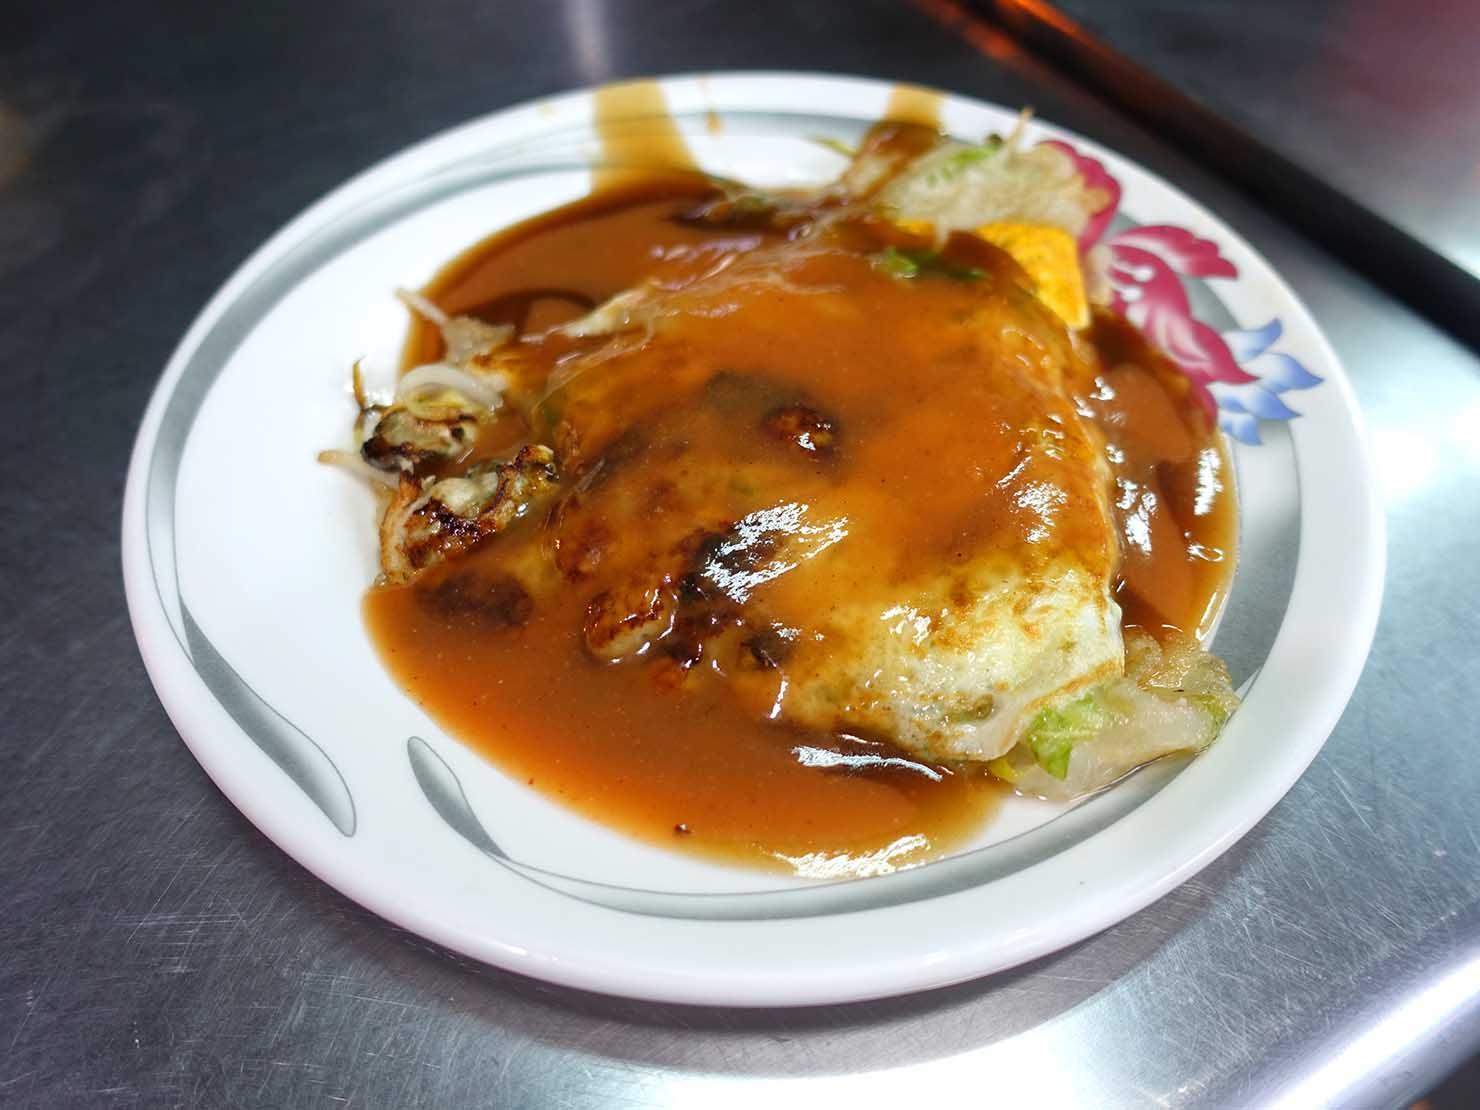 台南・赤崁樓周辺のおすすめグルメ店「虎頭府城風味小吃」の蚵仔煎(牡蠣オムレツ)